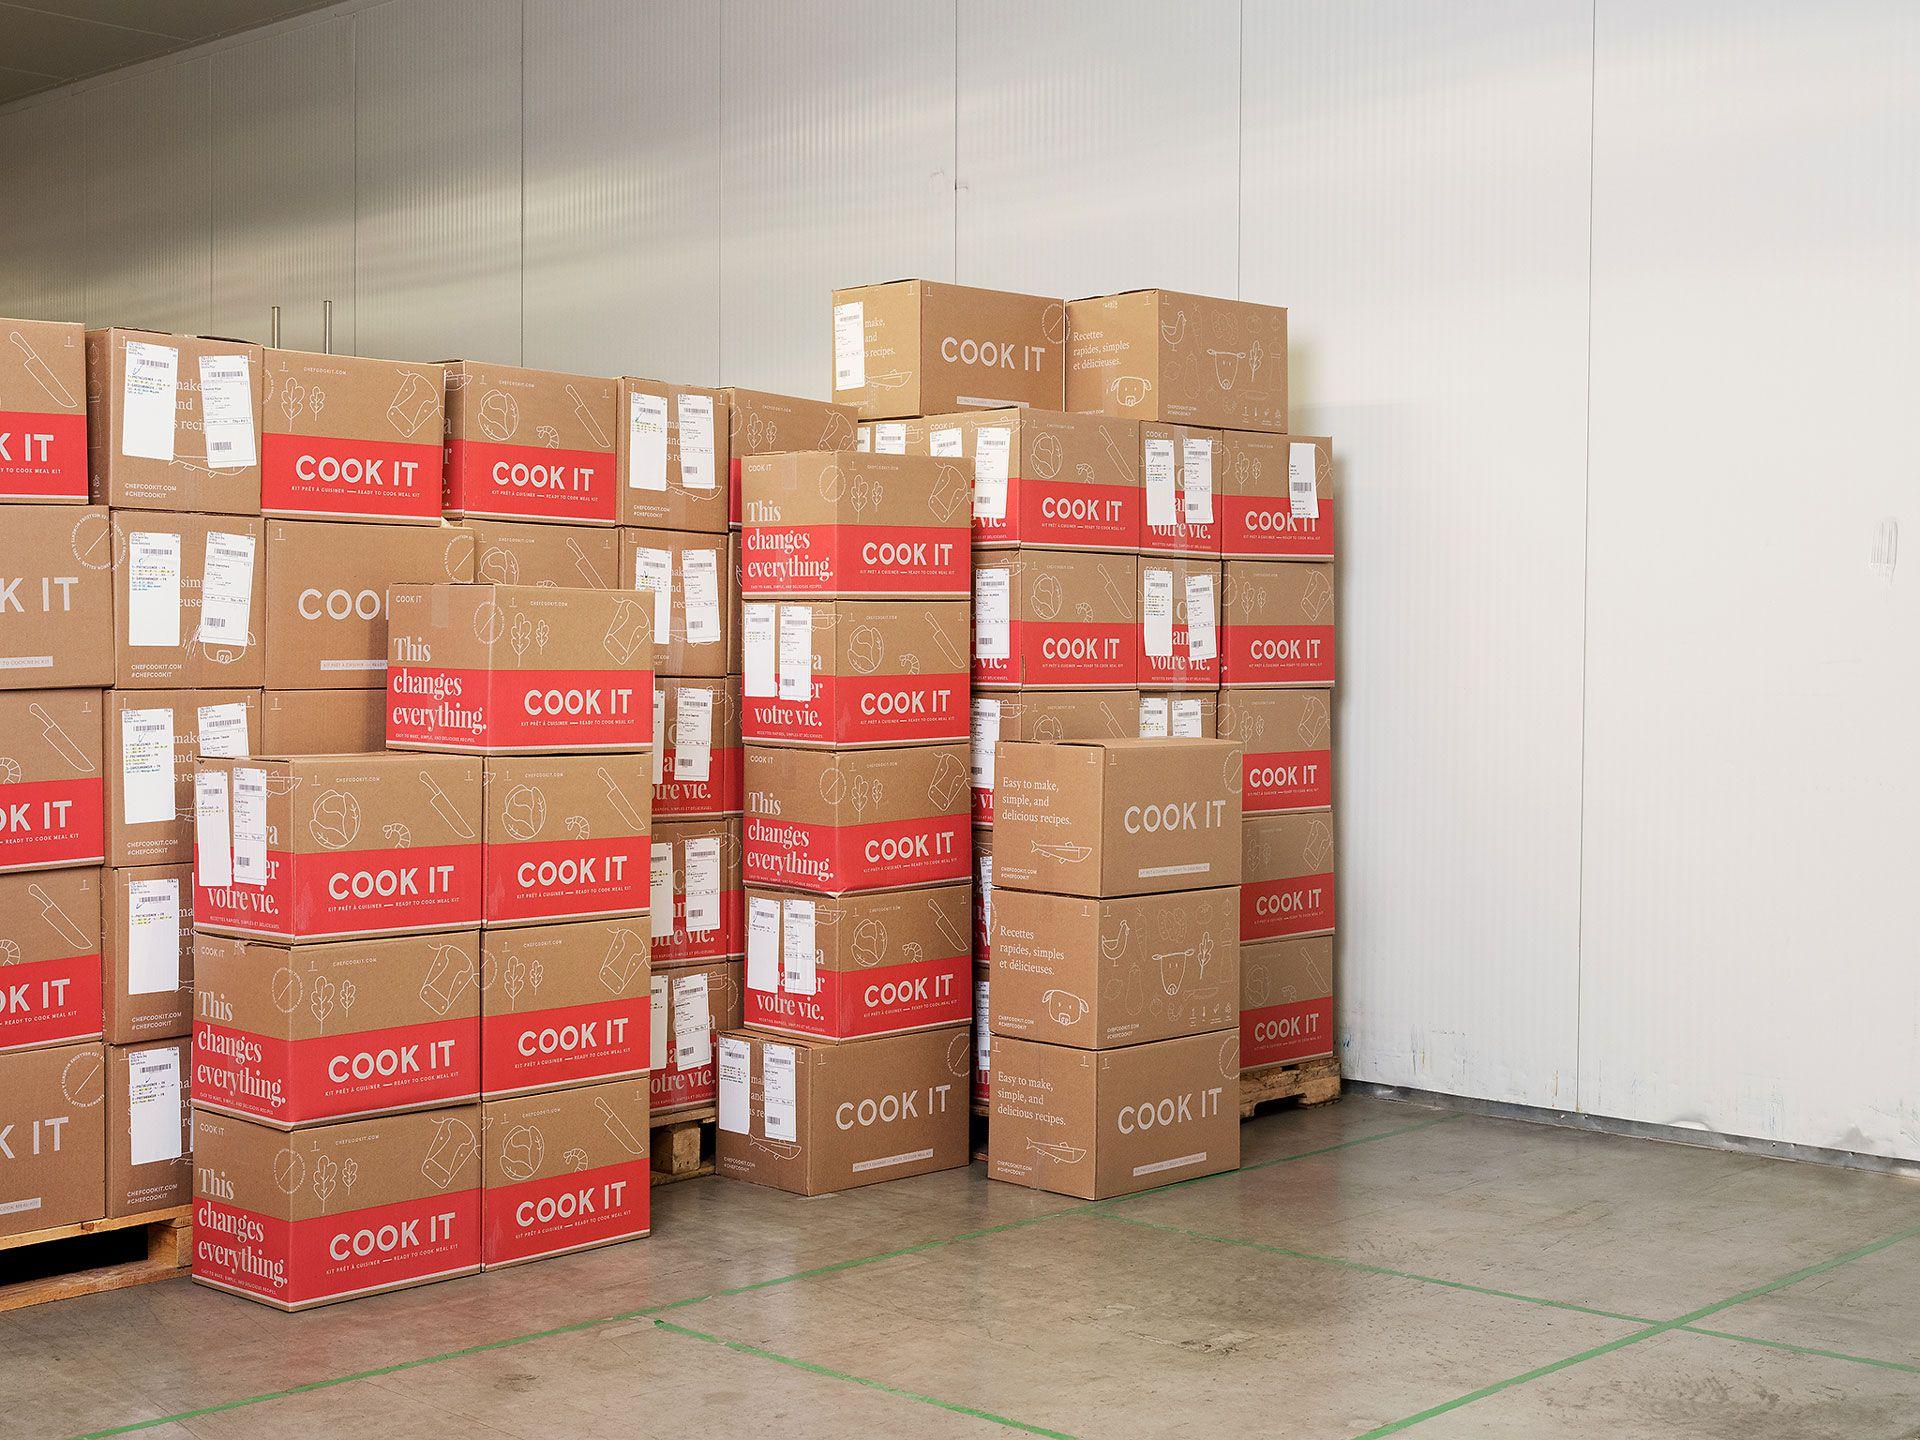 Photo dans un entrepôt lumineux de piles de boîtes Cook It sur des palettes et empilées en plus.